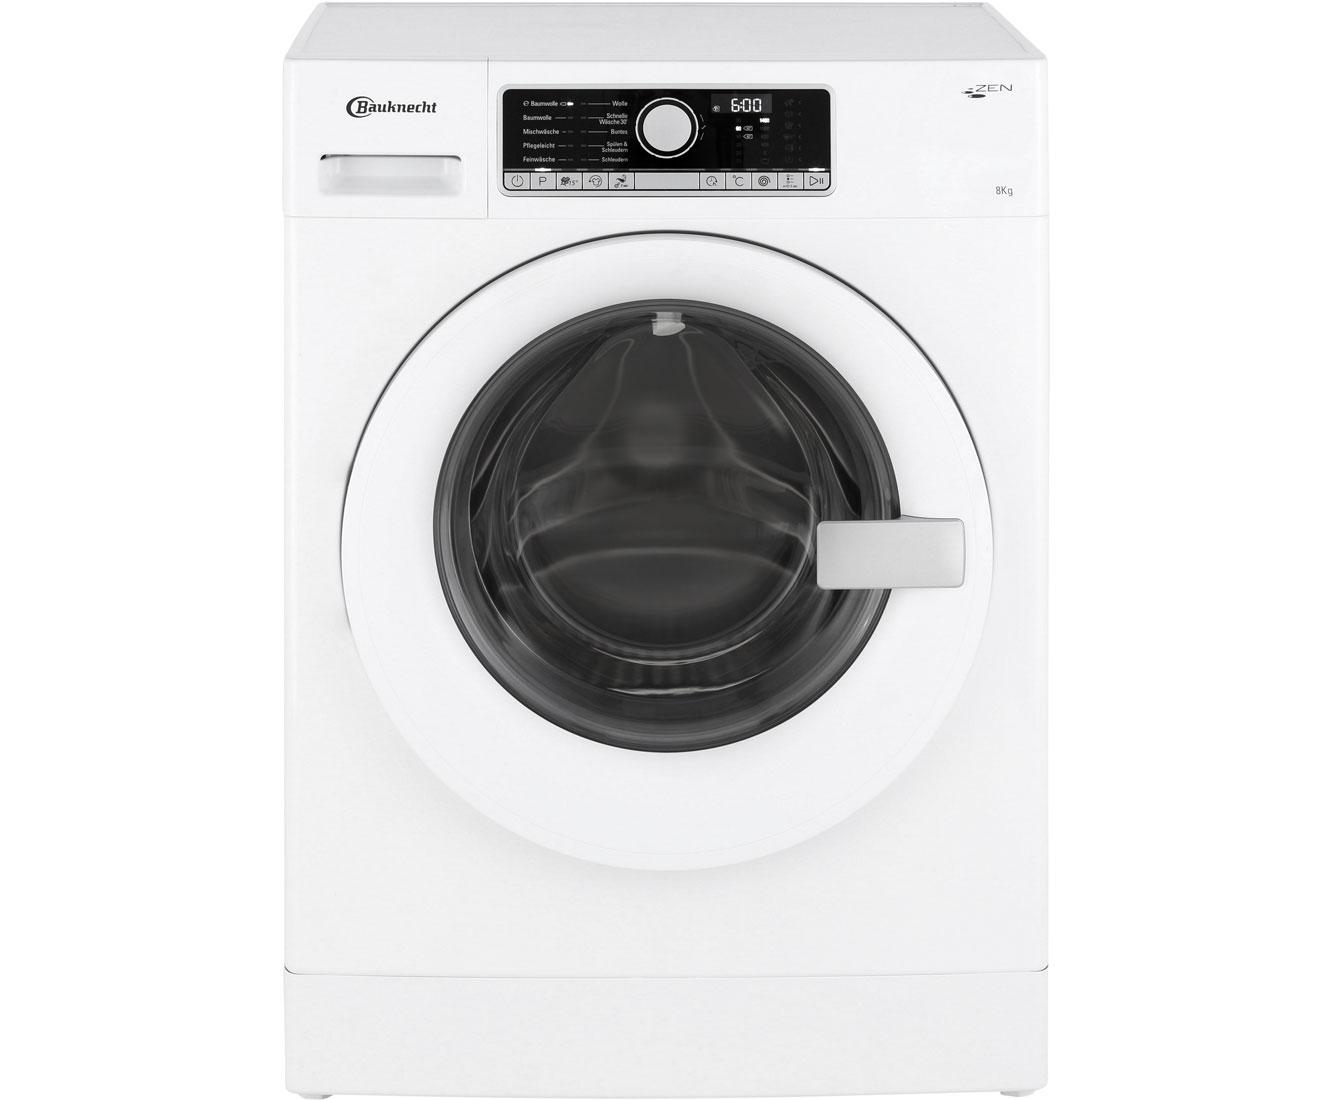 Bauknecht wm move 814 zen waschmaschine 8 kg 1400 u min a